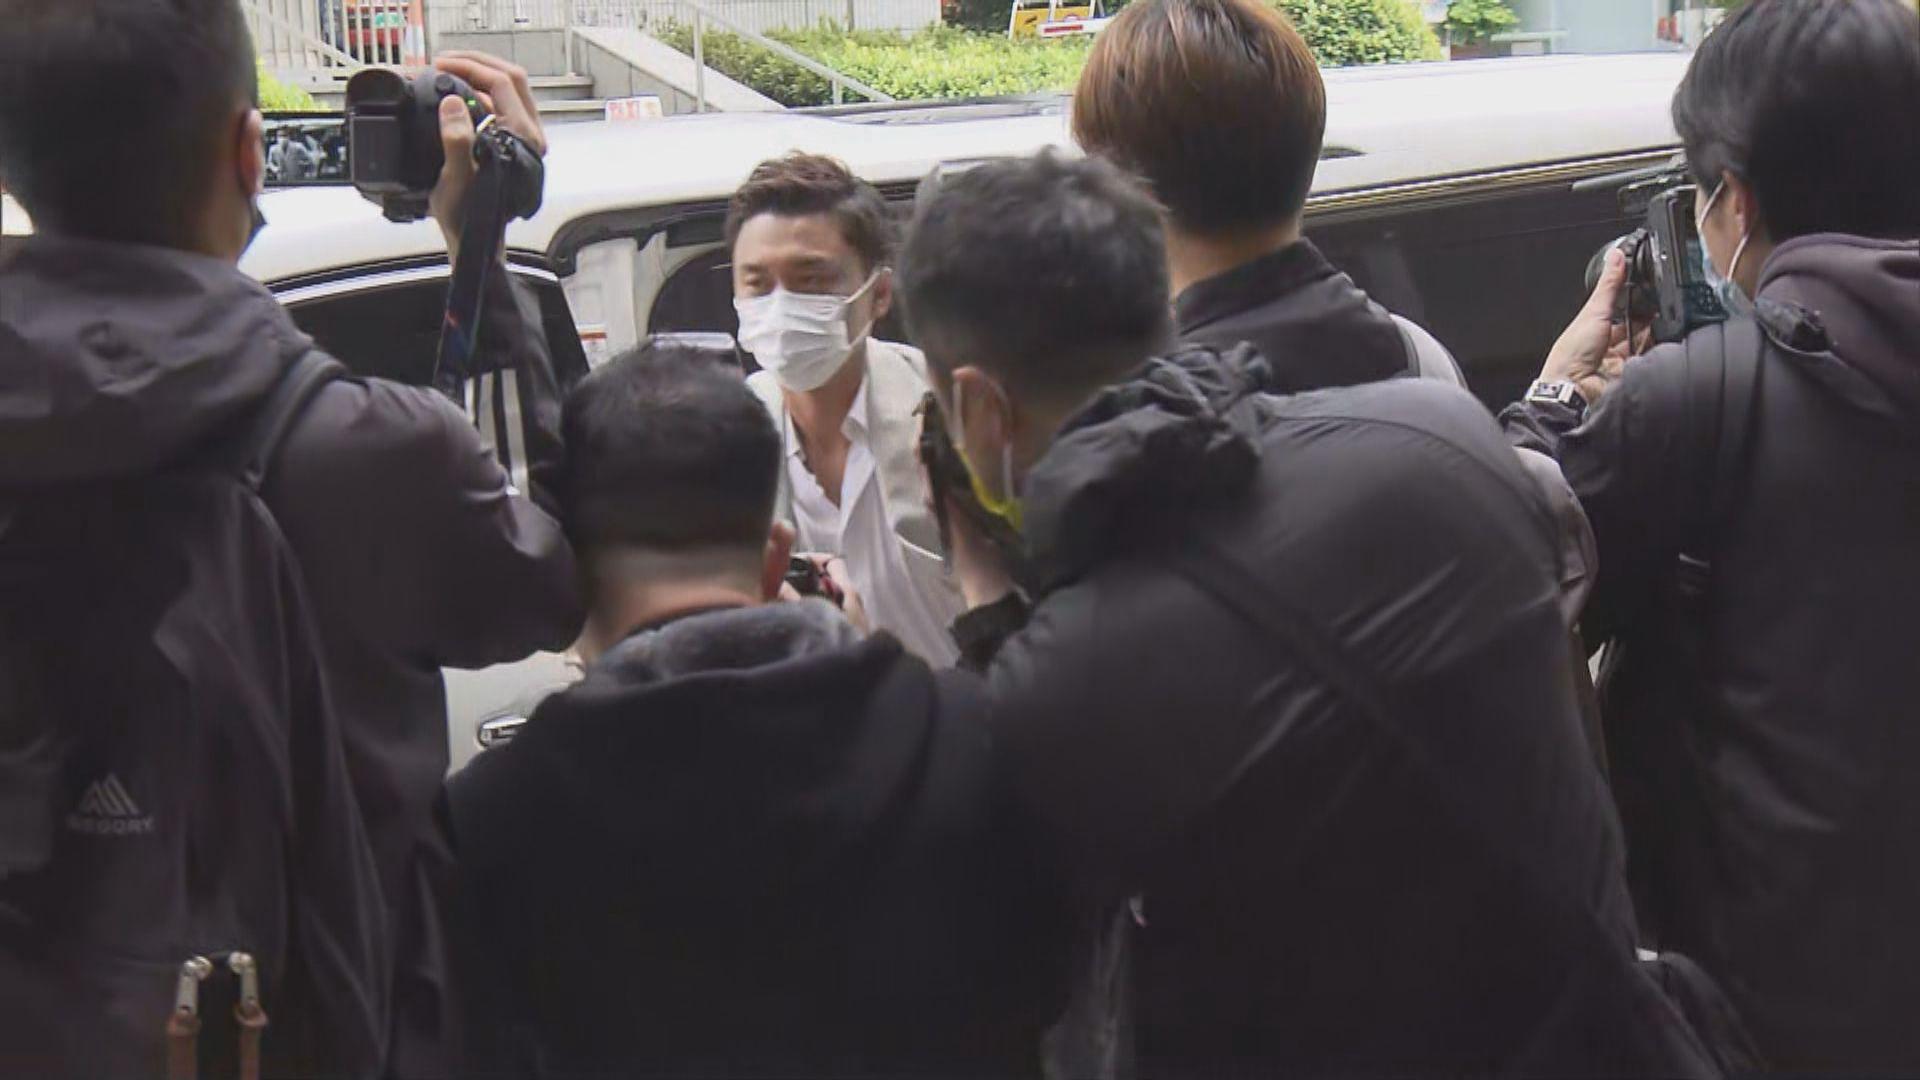 楊明否認拒絕提供血液樣本作化驗 明年三月開審